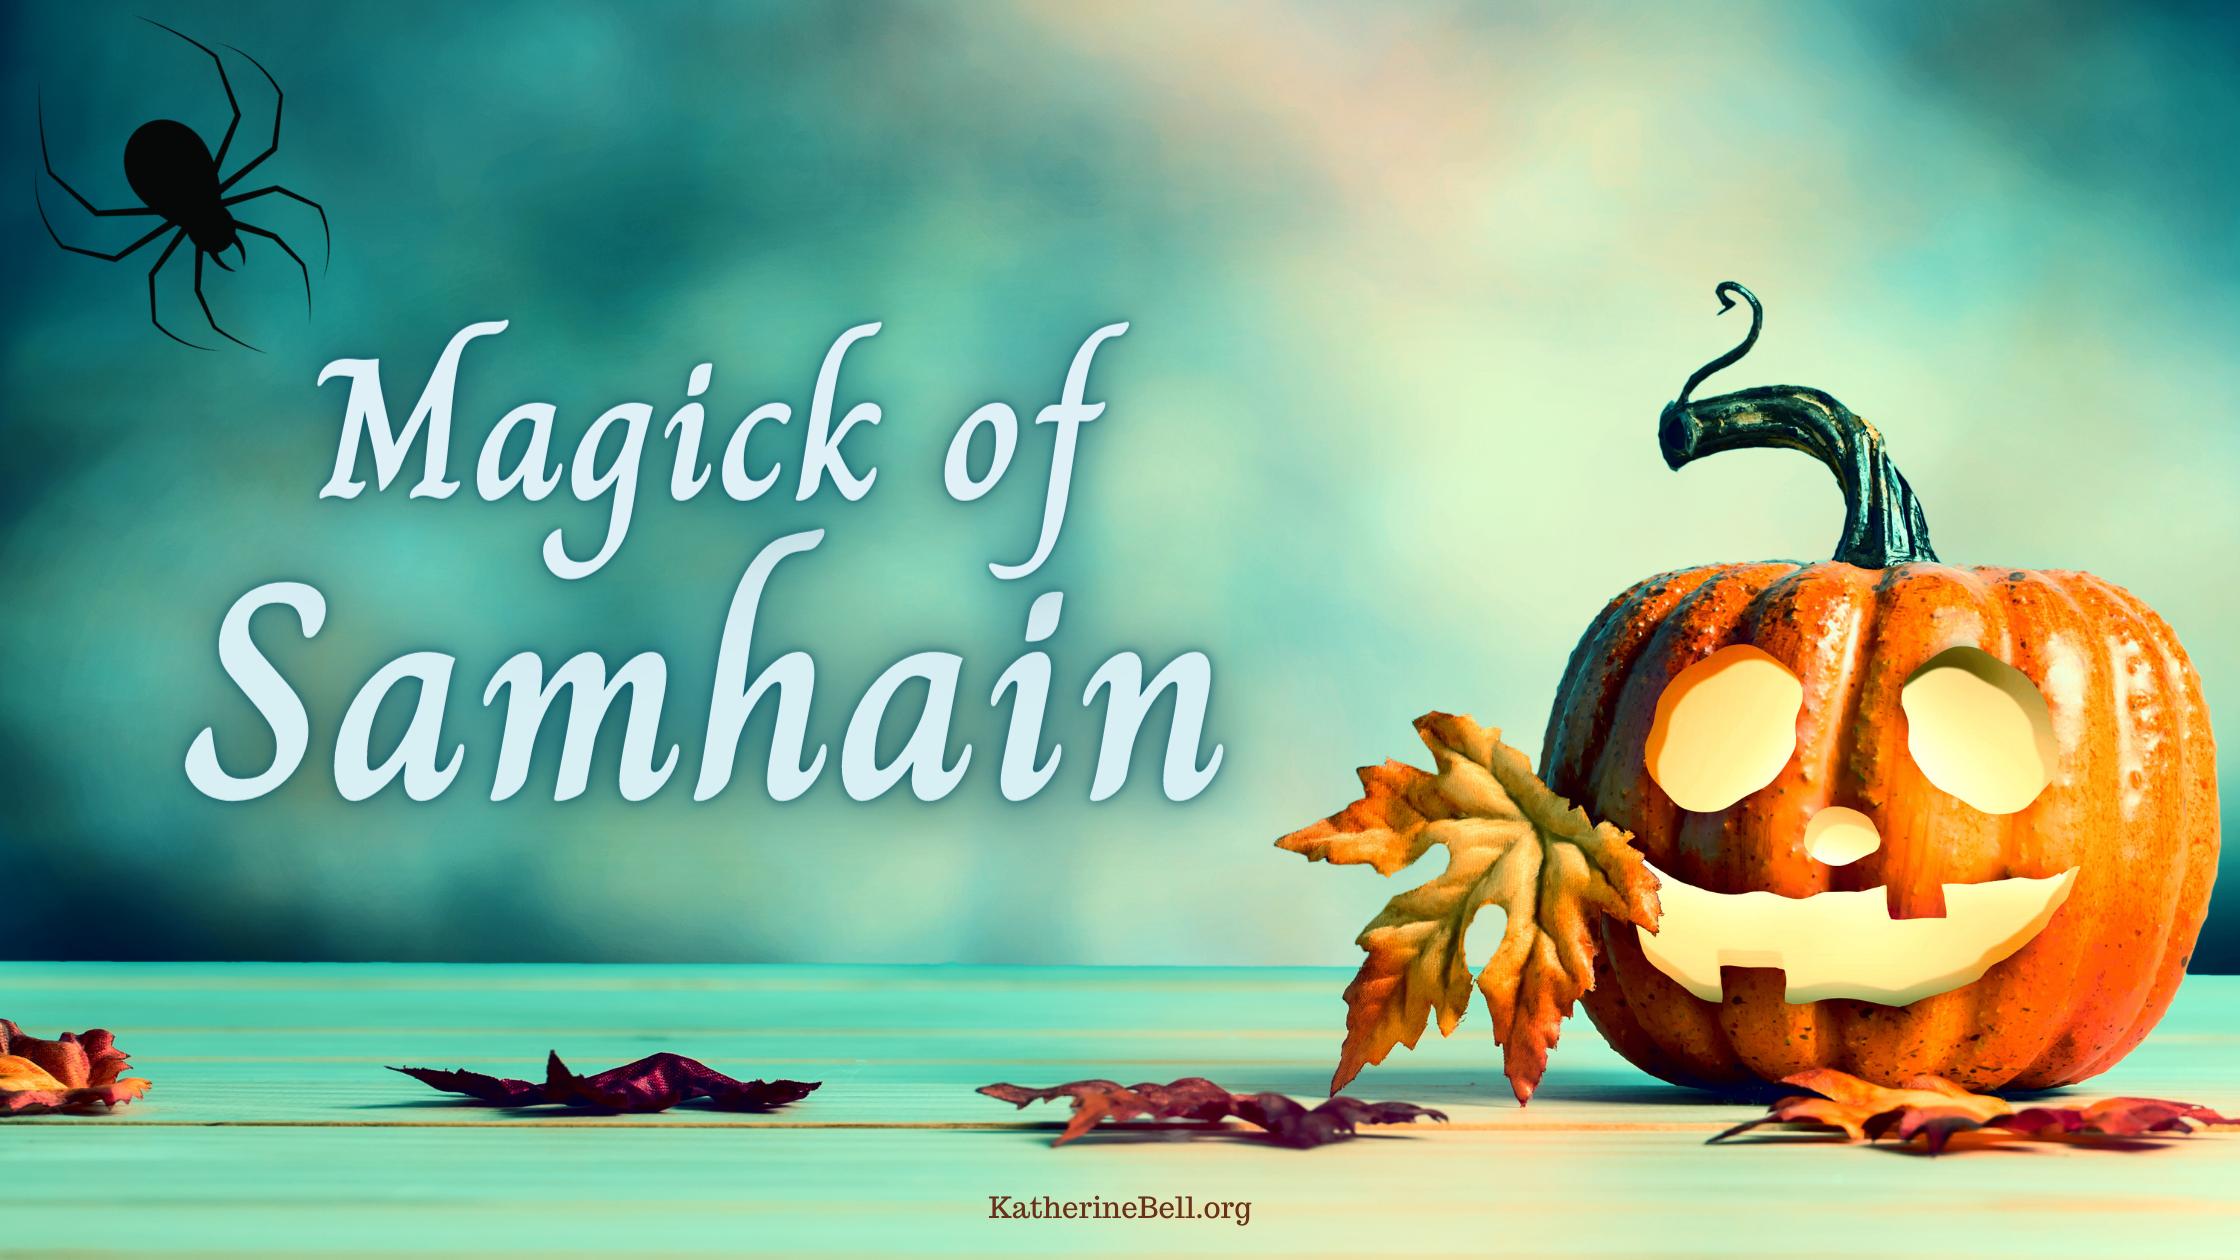 Magick of Samhain